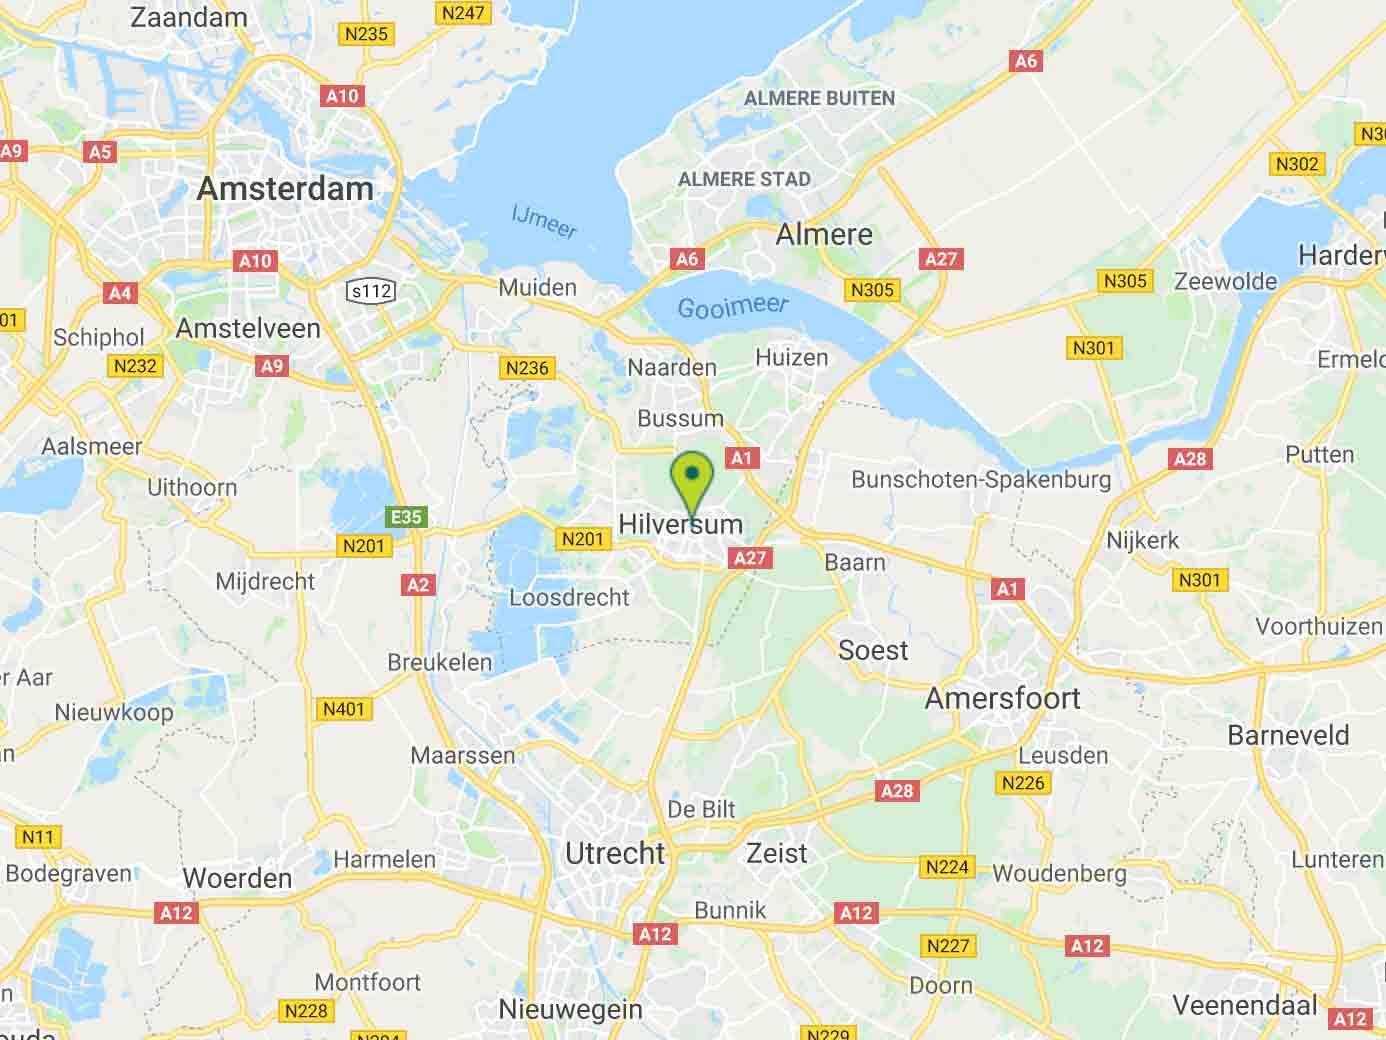 HoofdLocatie-Hilversum_Melkpad-21-